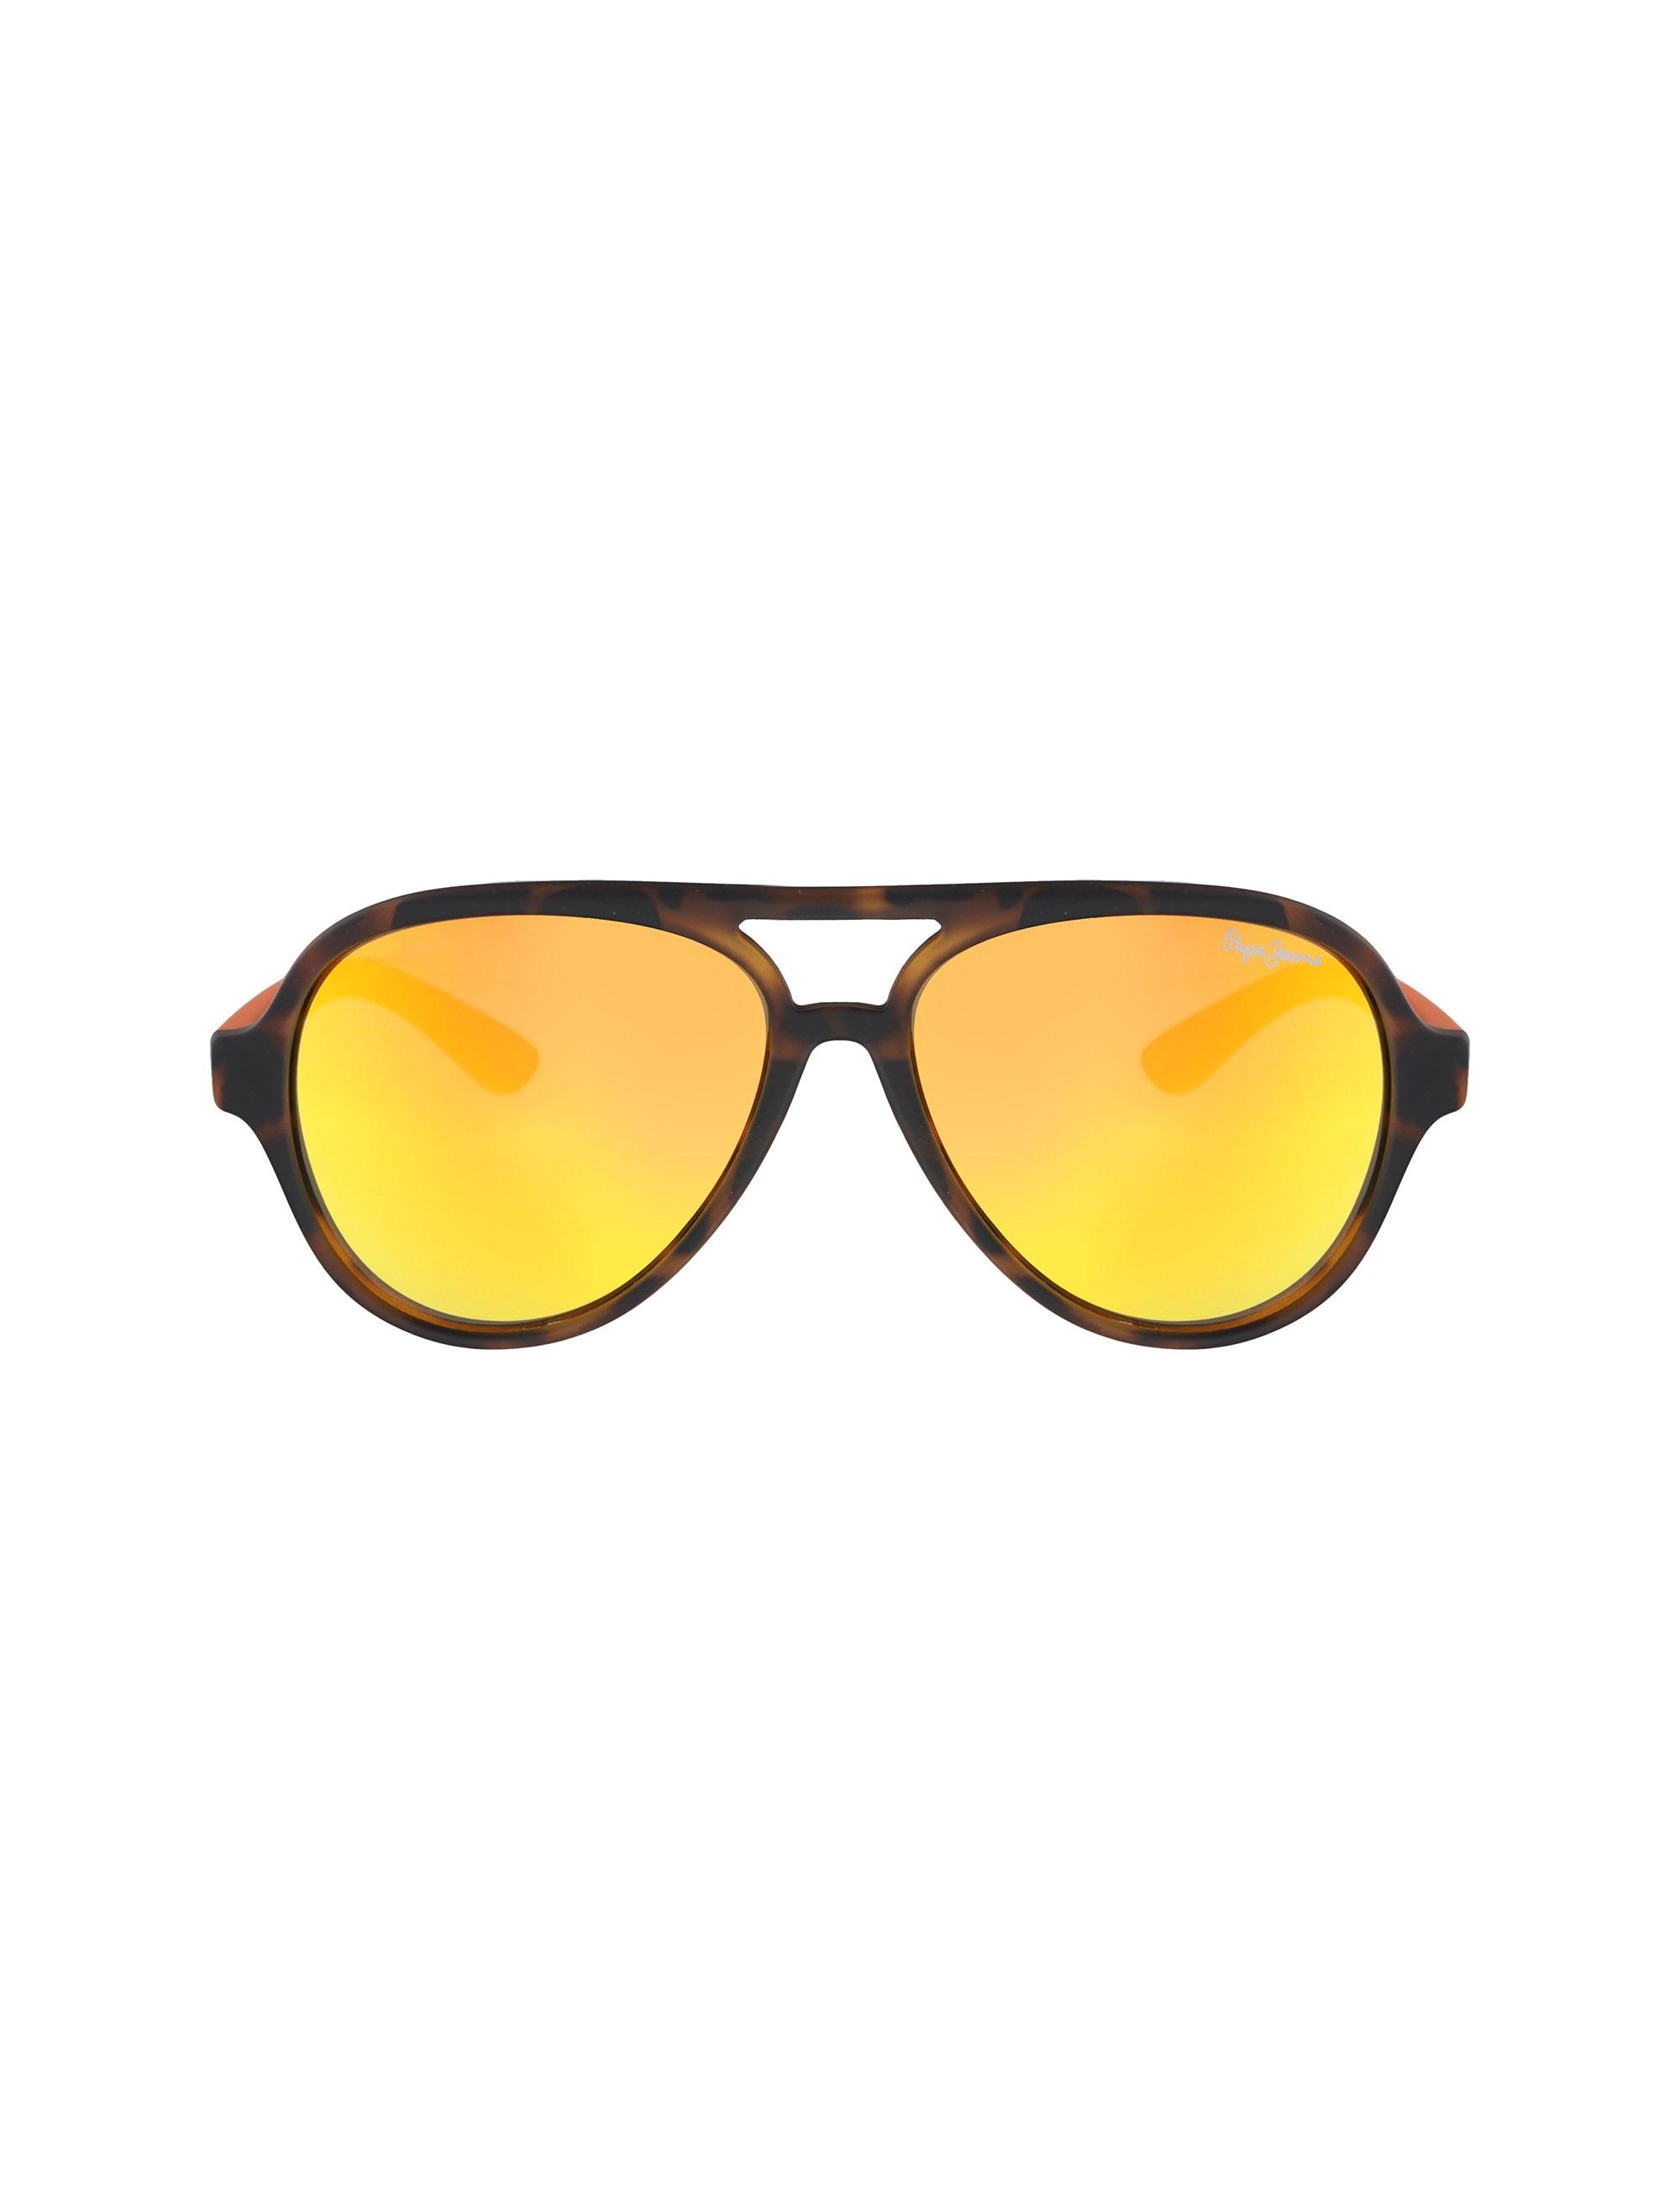 عینک آفتابی خلبانی بچگانه - پپه جینز - قهوه اي و نارنجي - 1